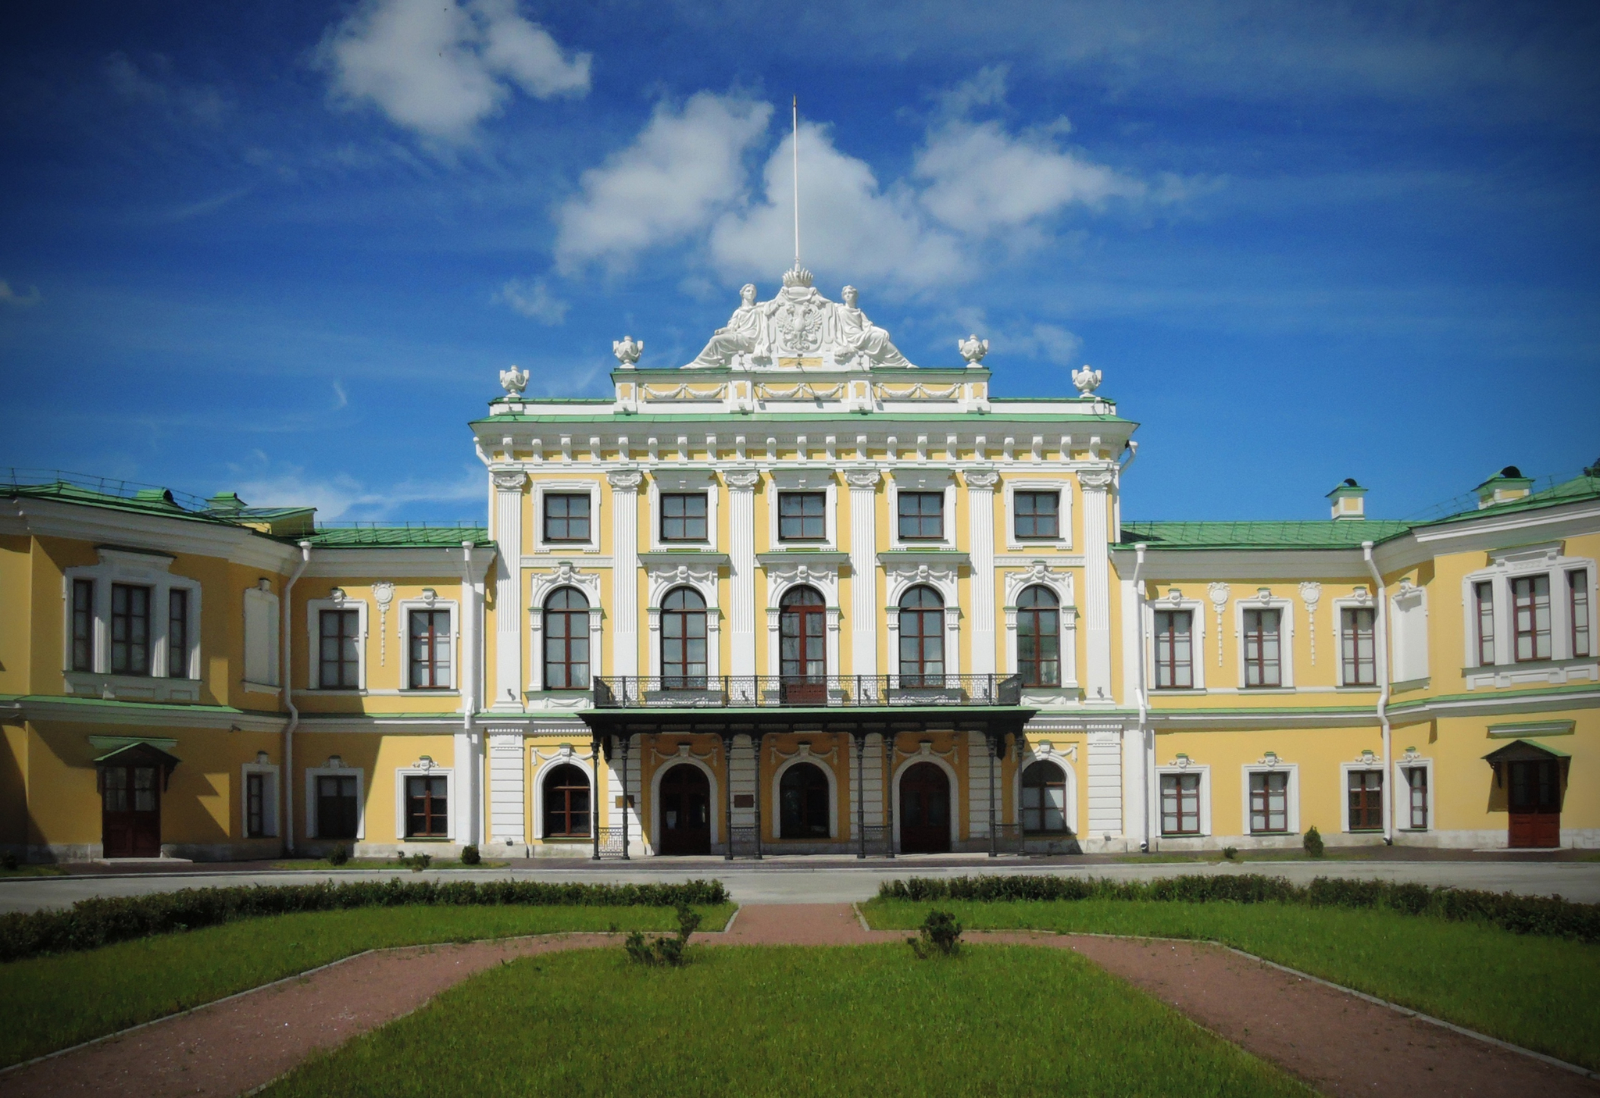 Фонды Тверской областной картинной галереи вновь откроют для посетителей